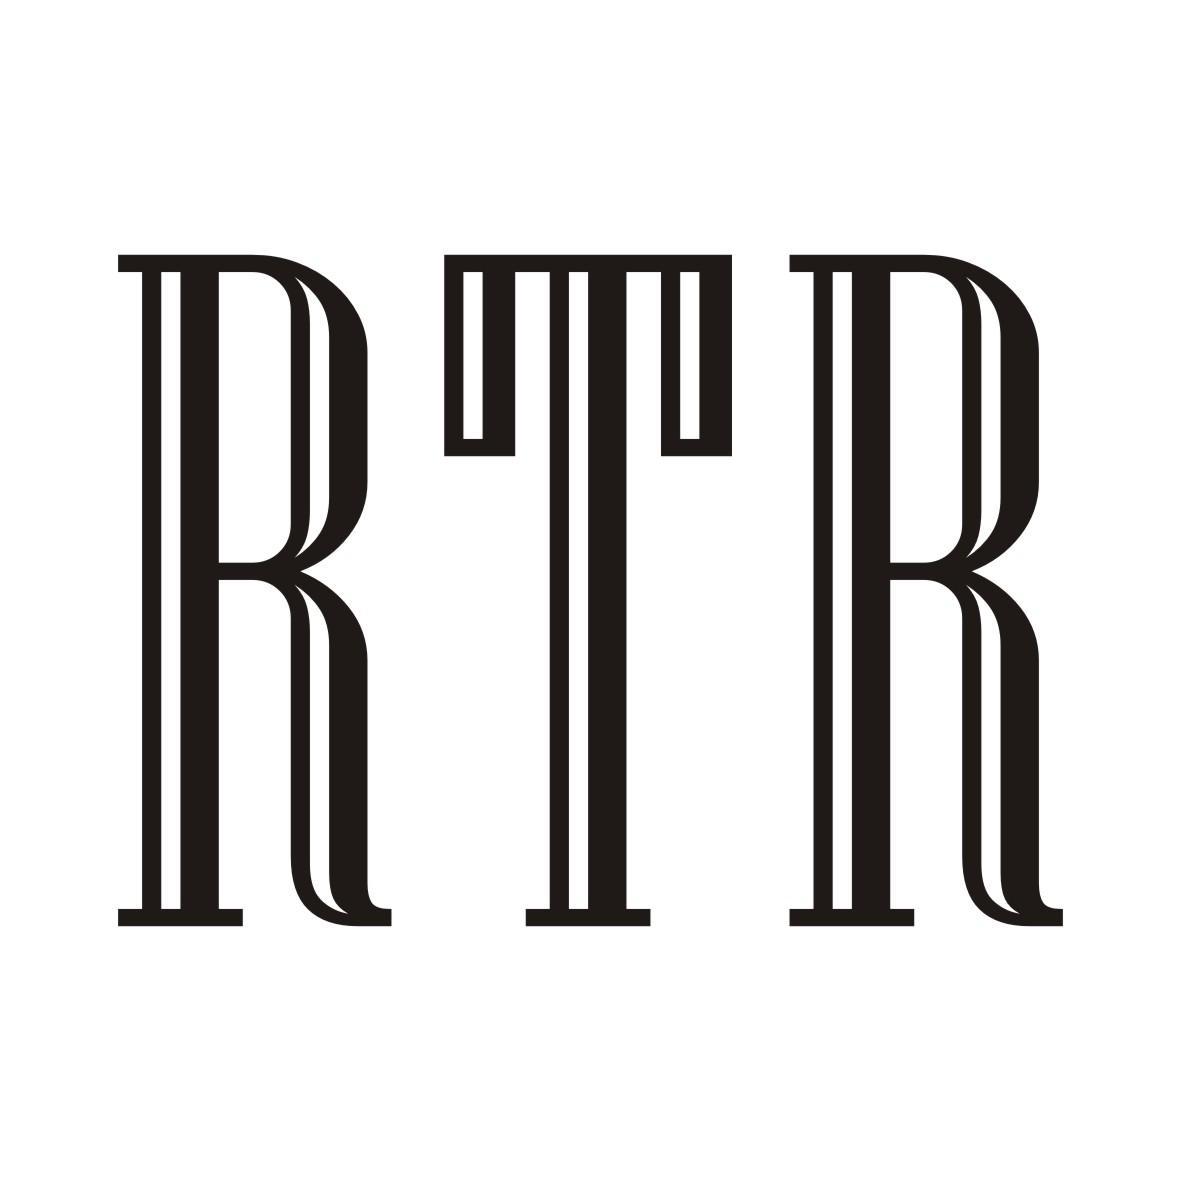 30类-面点饮品RTR商标转让